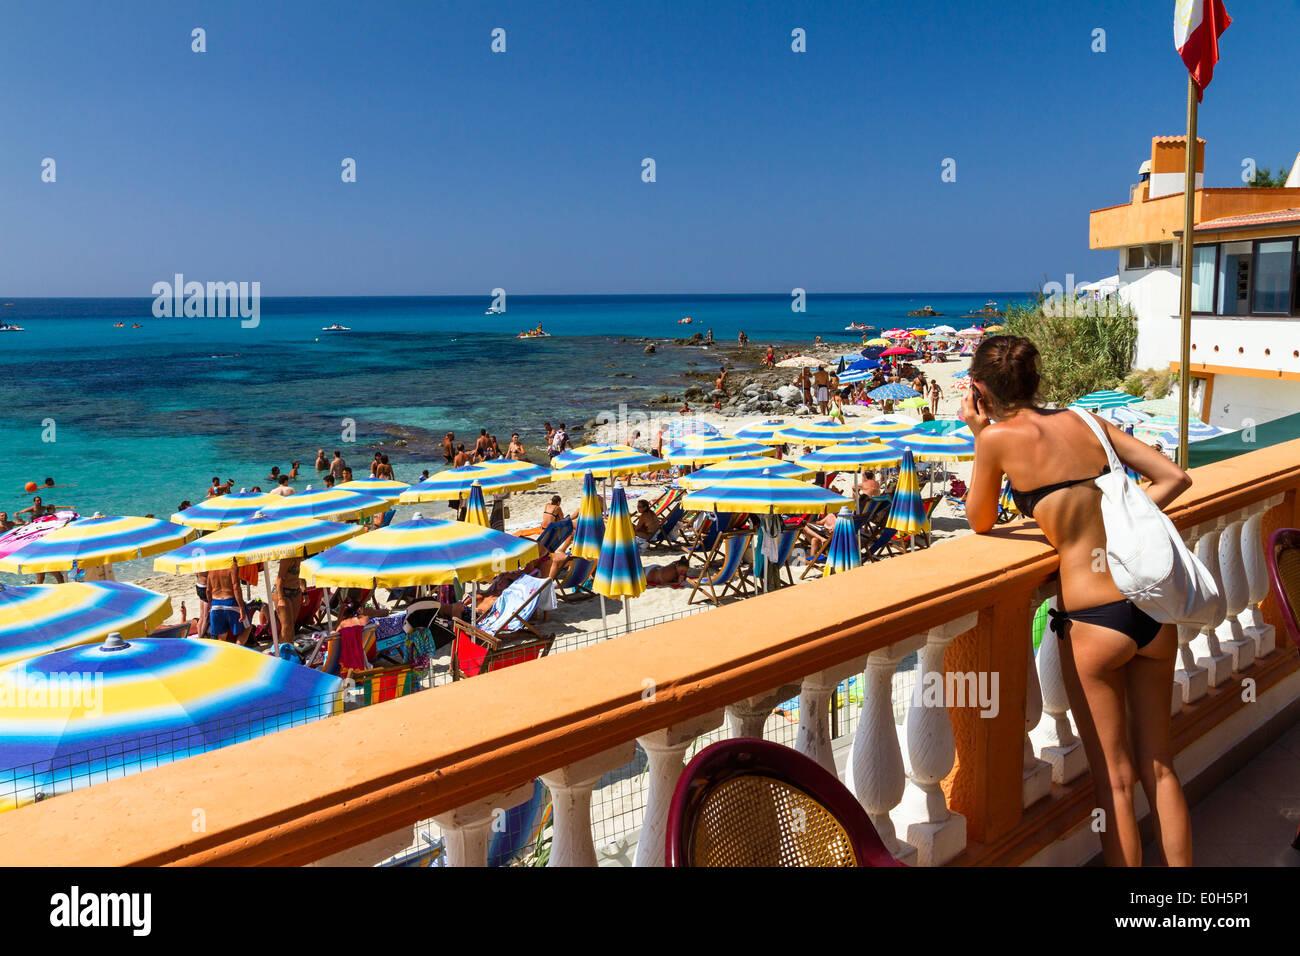 Onda Blu Beach, Capo Vaticano a sud di Tropea, Mar Tirreno, Calabria, Mediterraneo, Italia Meridionale, Europa Immagini Stock